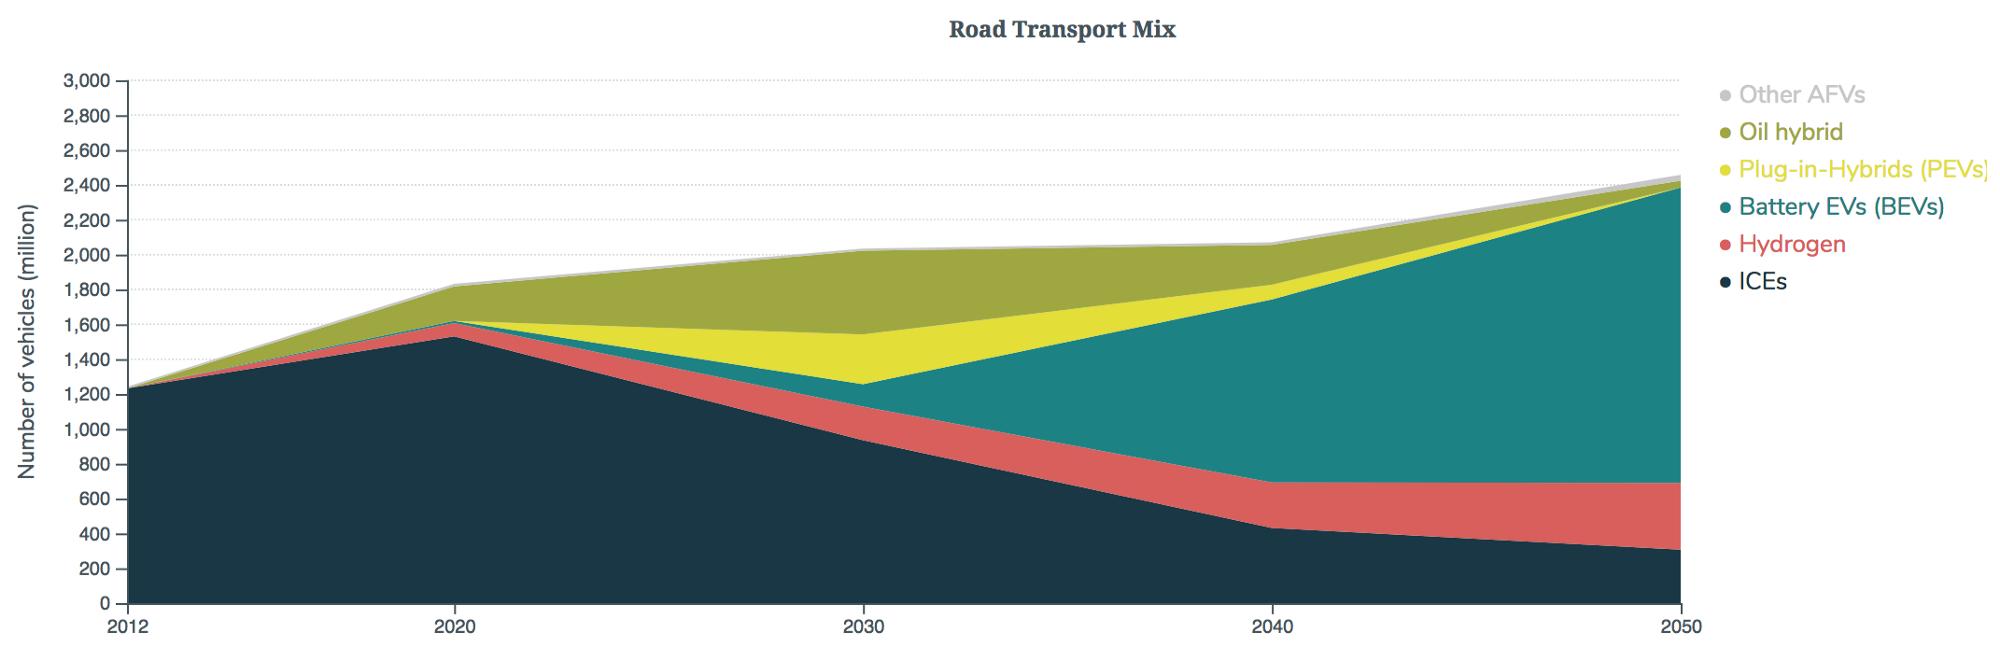 road transport mix